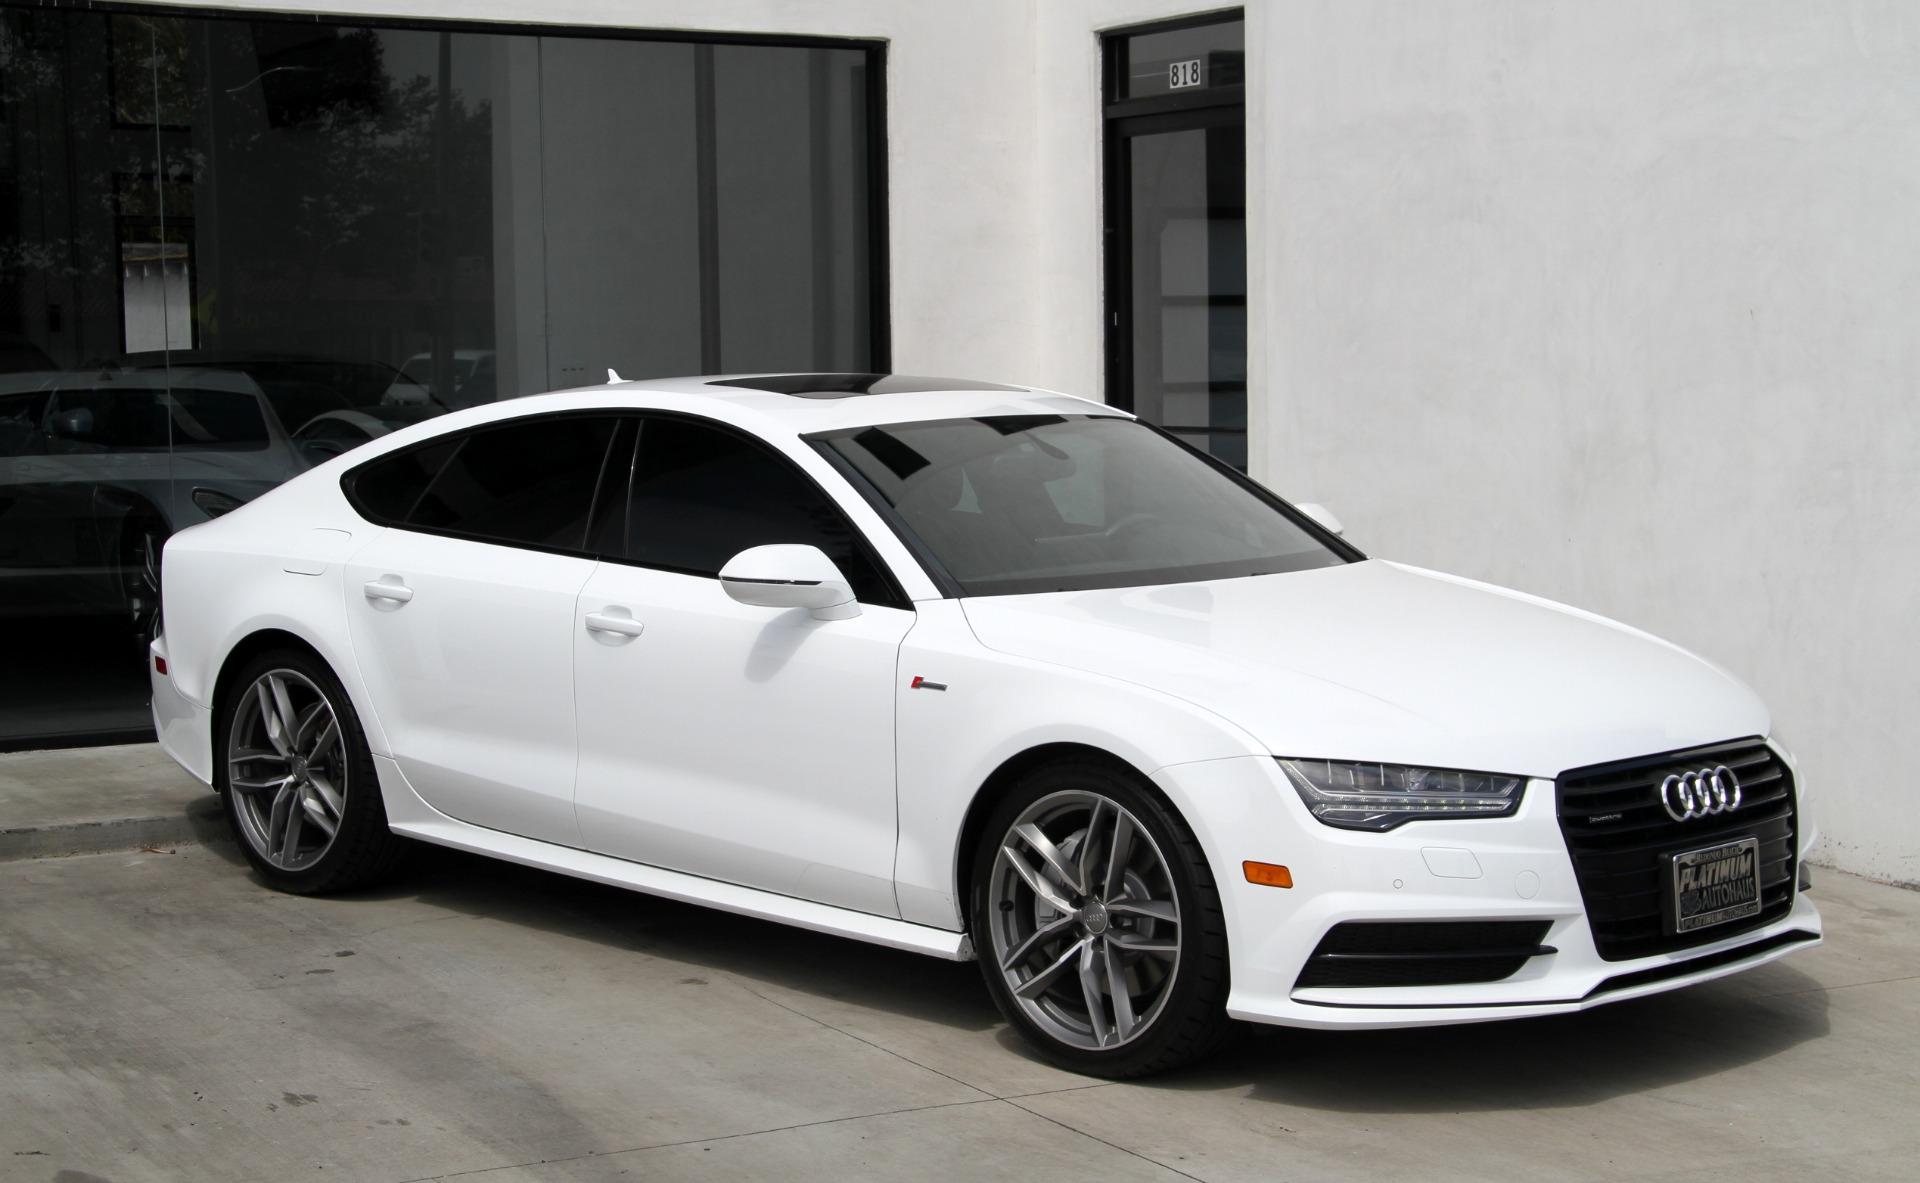 Audi Dealership Near Me >> 2016 Audi A7 3.0T quattro Premium Plus ***S LINE SPORT PKG *** Stock # 6219 for sale near ...